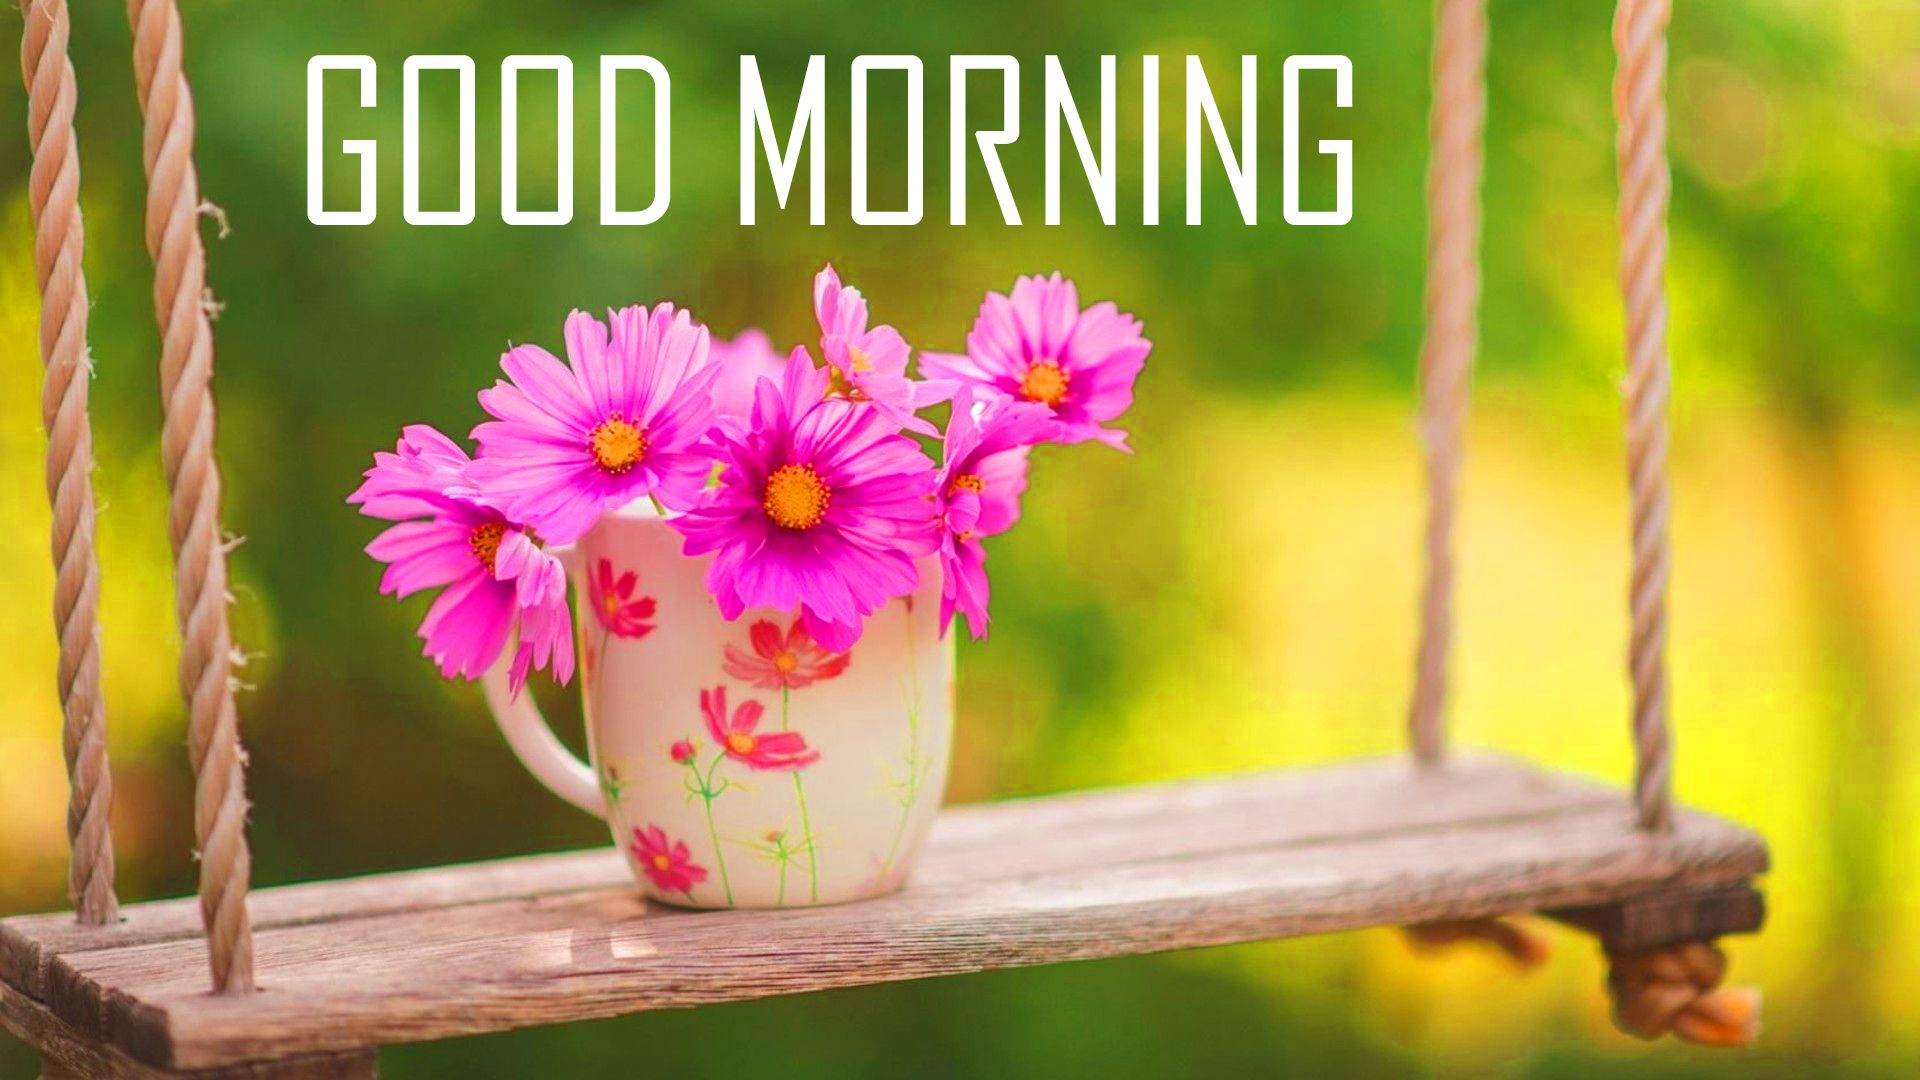 1920x1080 Good Morning Image Photo Picture With Flowers Tải xuống HD - Good Morning Image.  Chào buổi sáng Hình ảnh HD Downlaod.  Hình nền Good Morning Pics HD